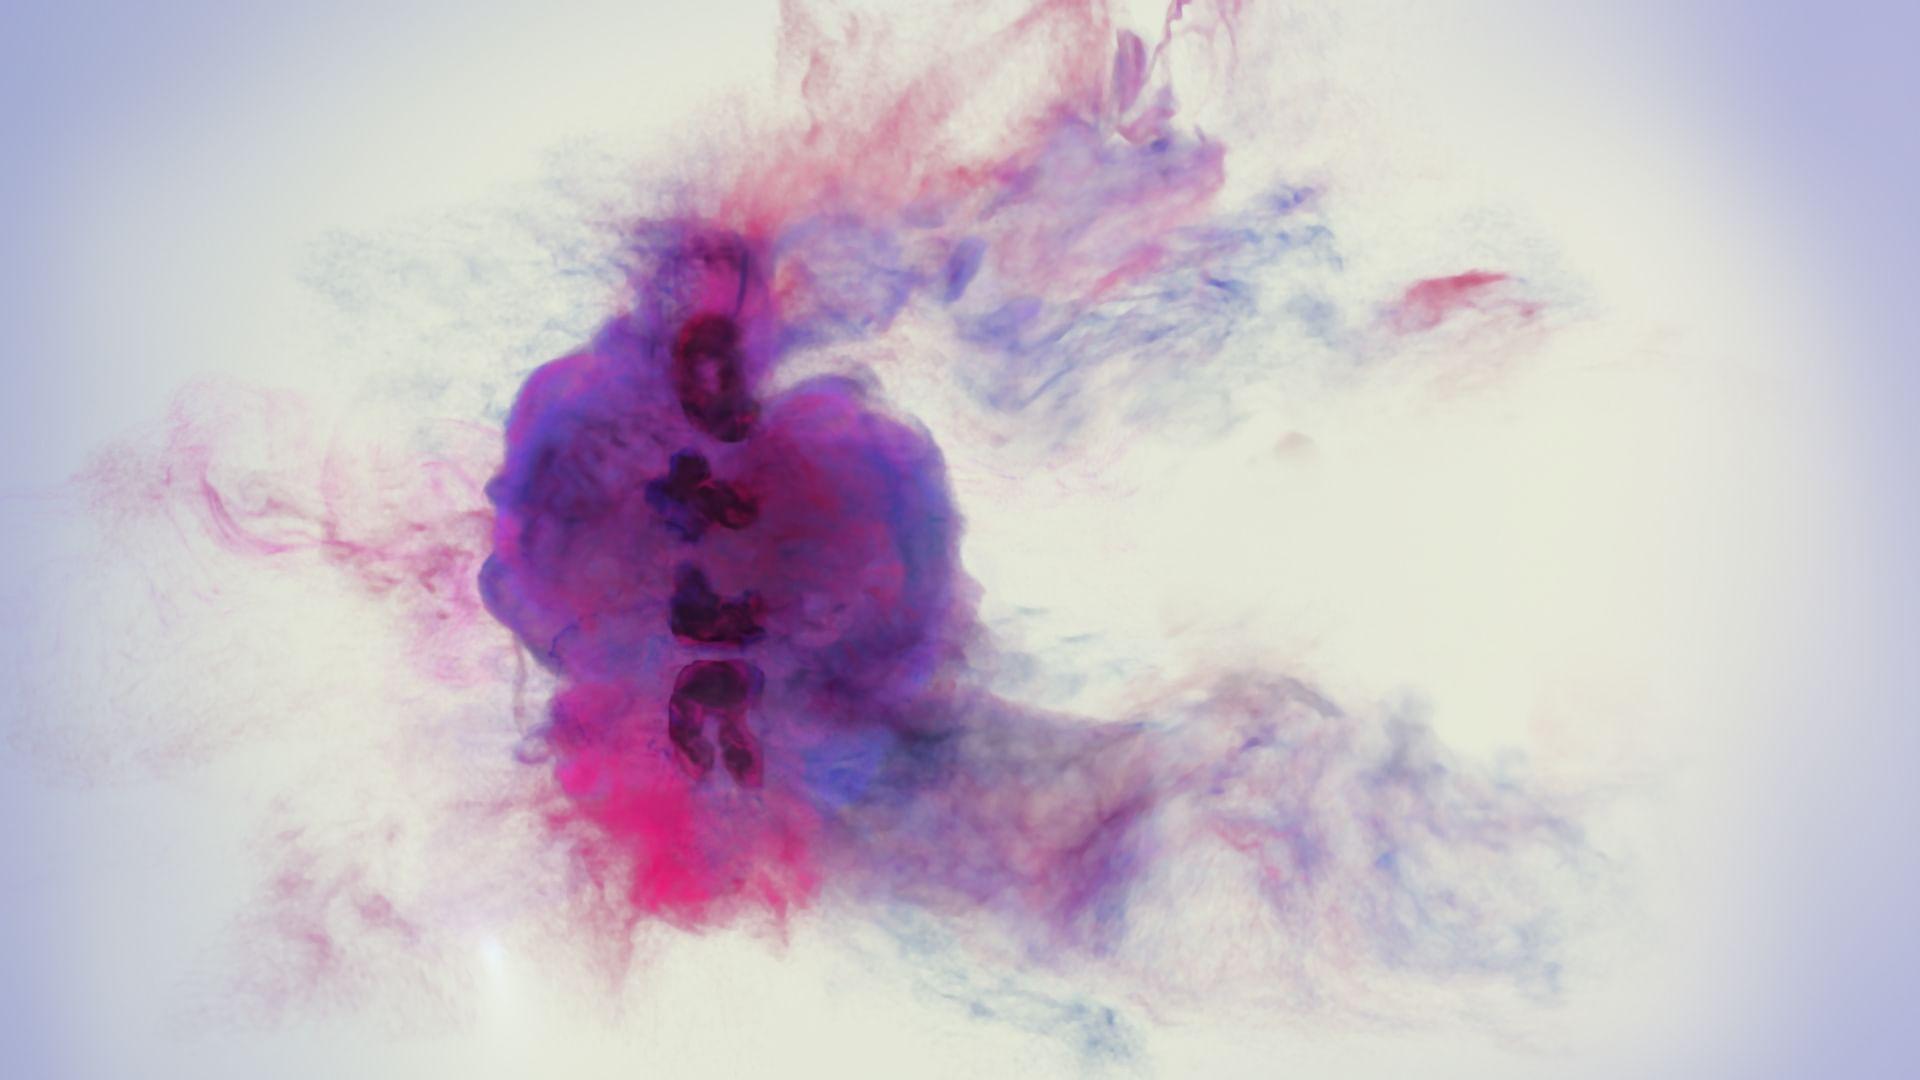 ARTE à la Foire du livre de Francfort